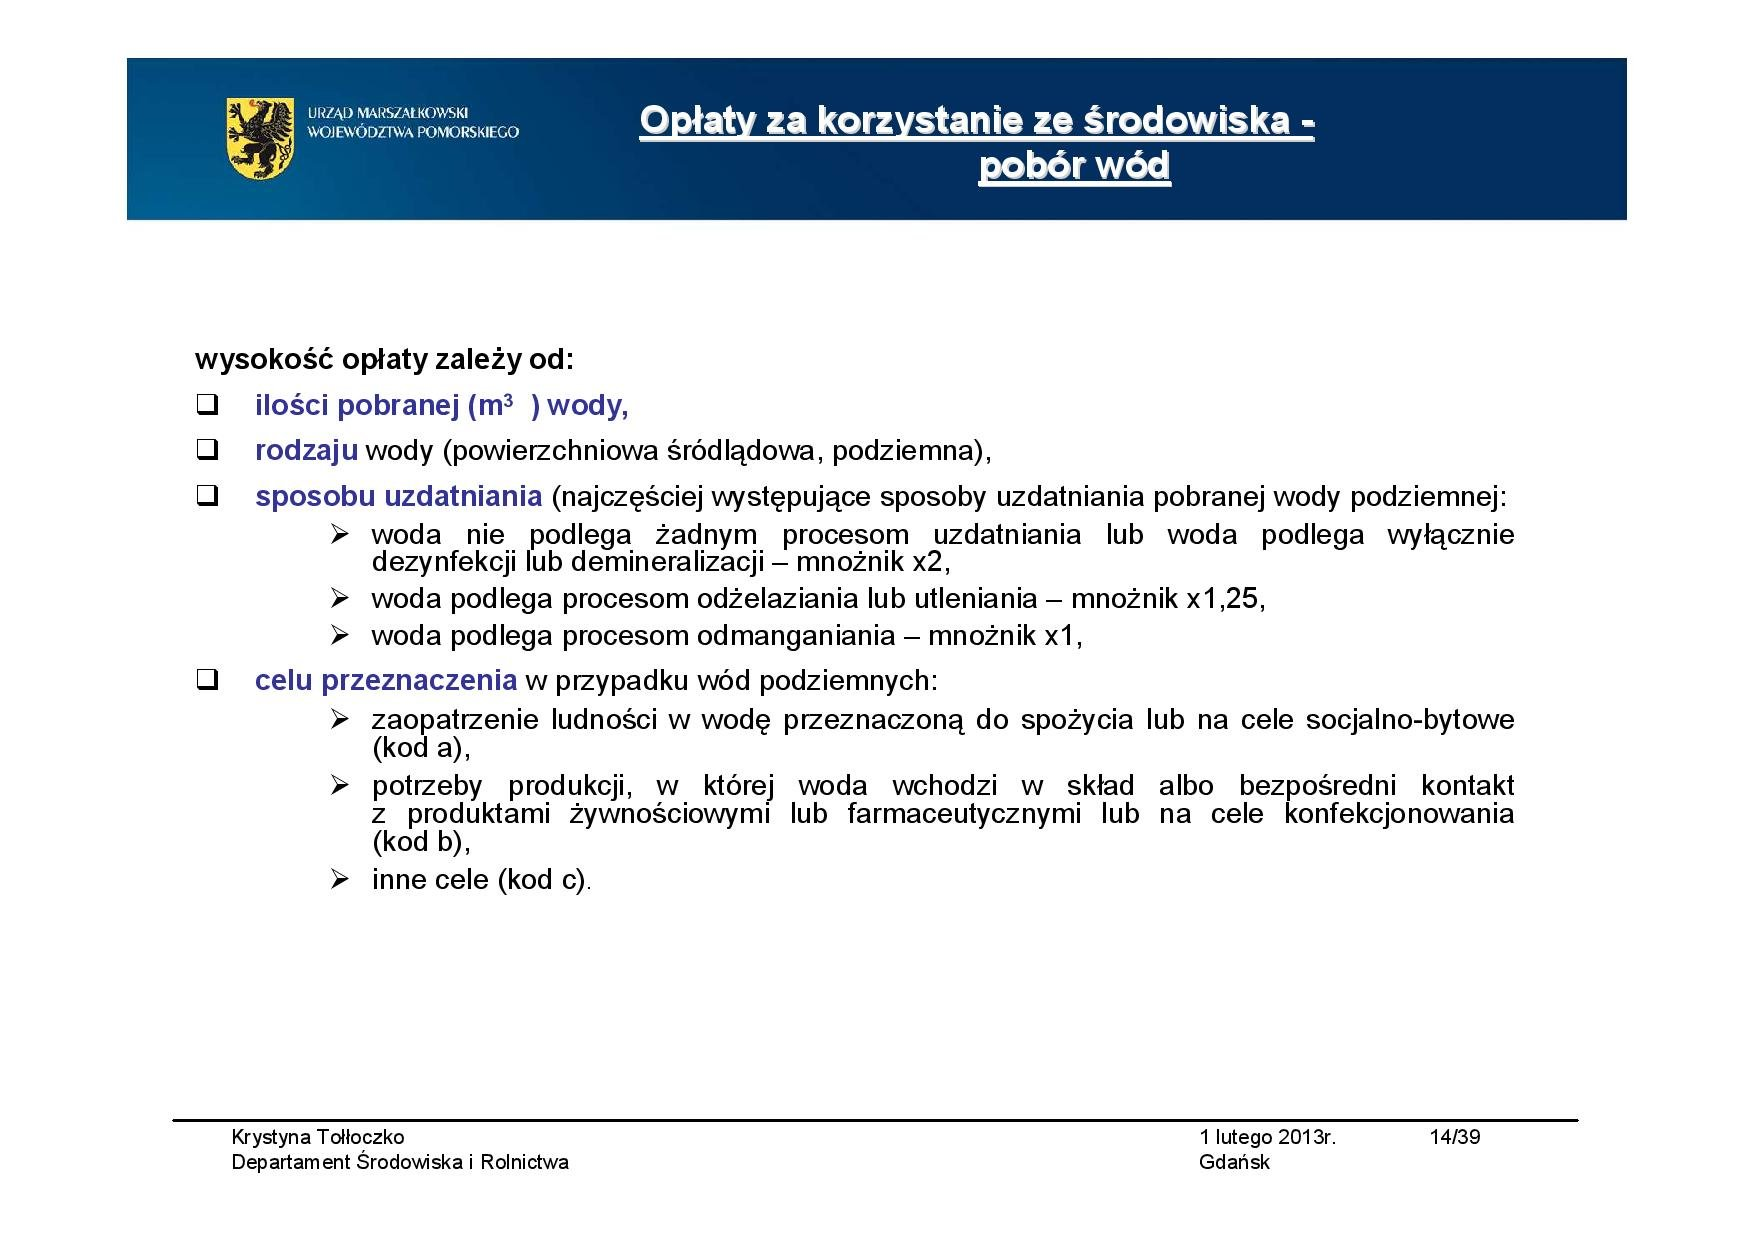 Ob. pracod. pozwolenia-page-014